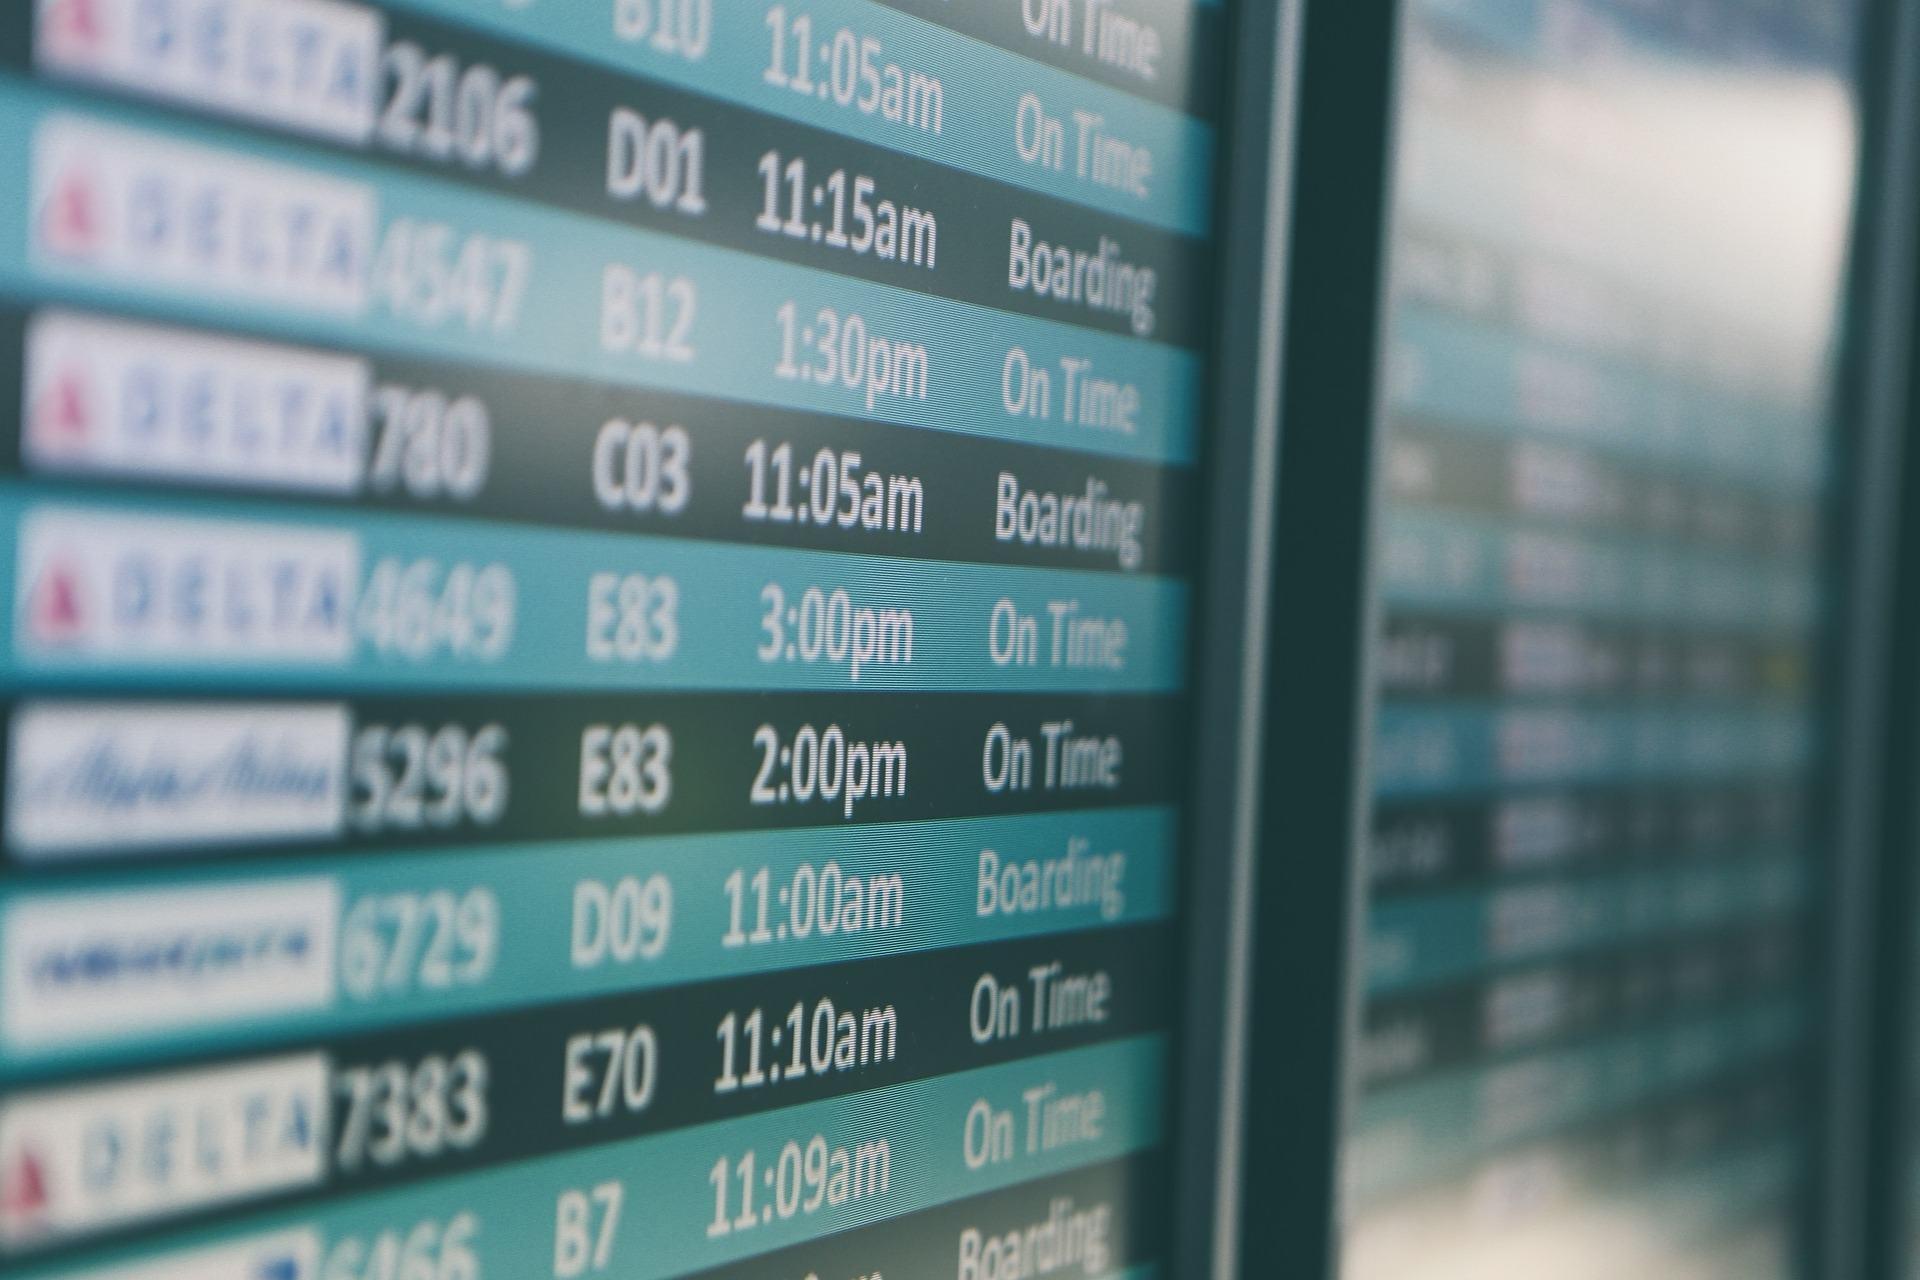 Flughafen Ankunft und Abflugzeiten